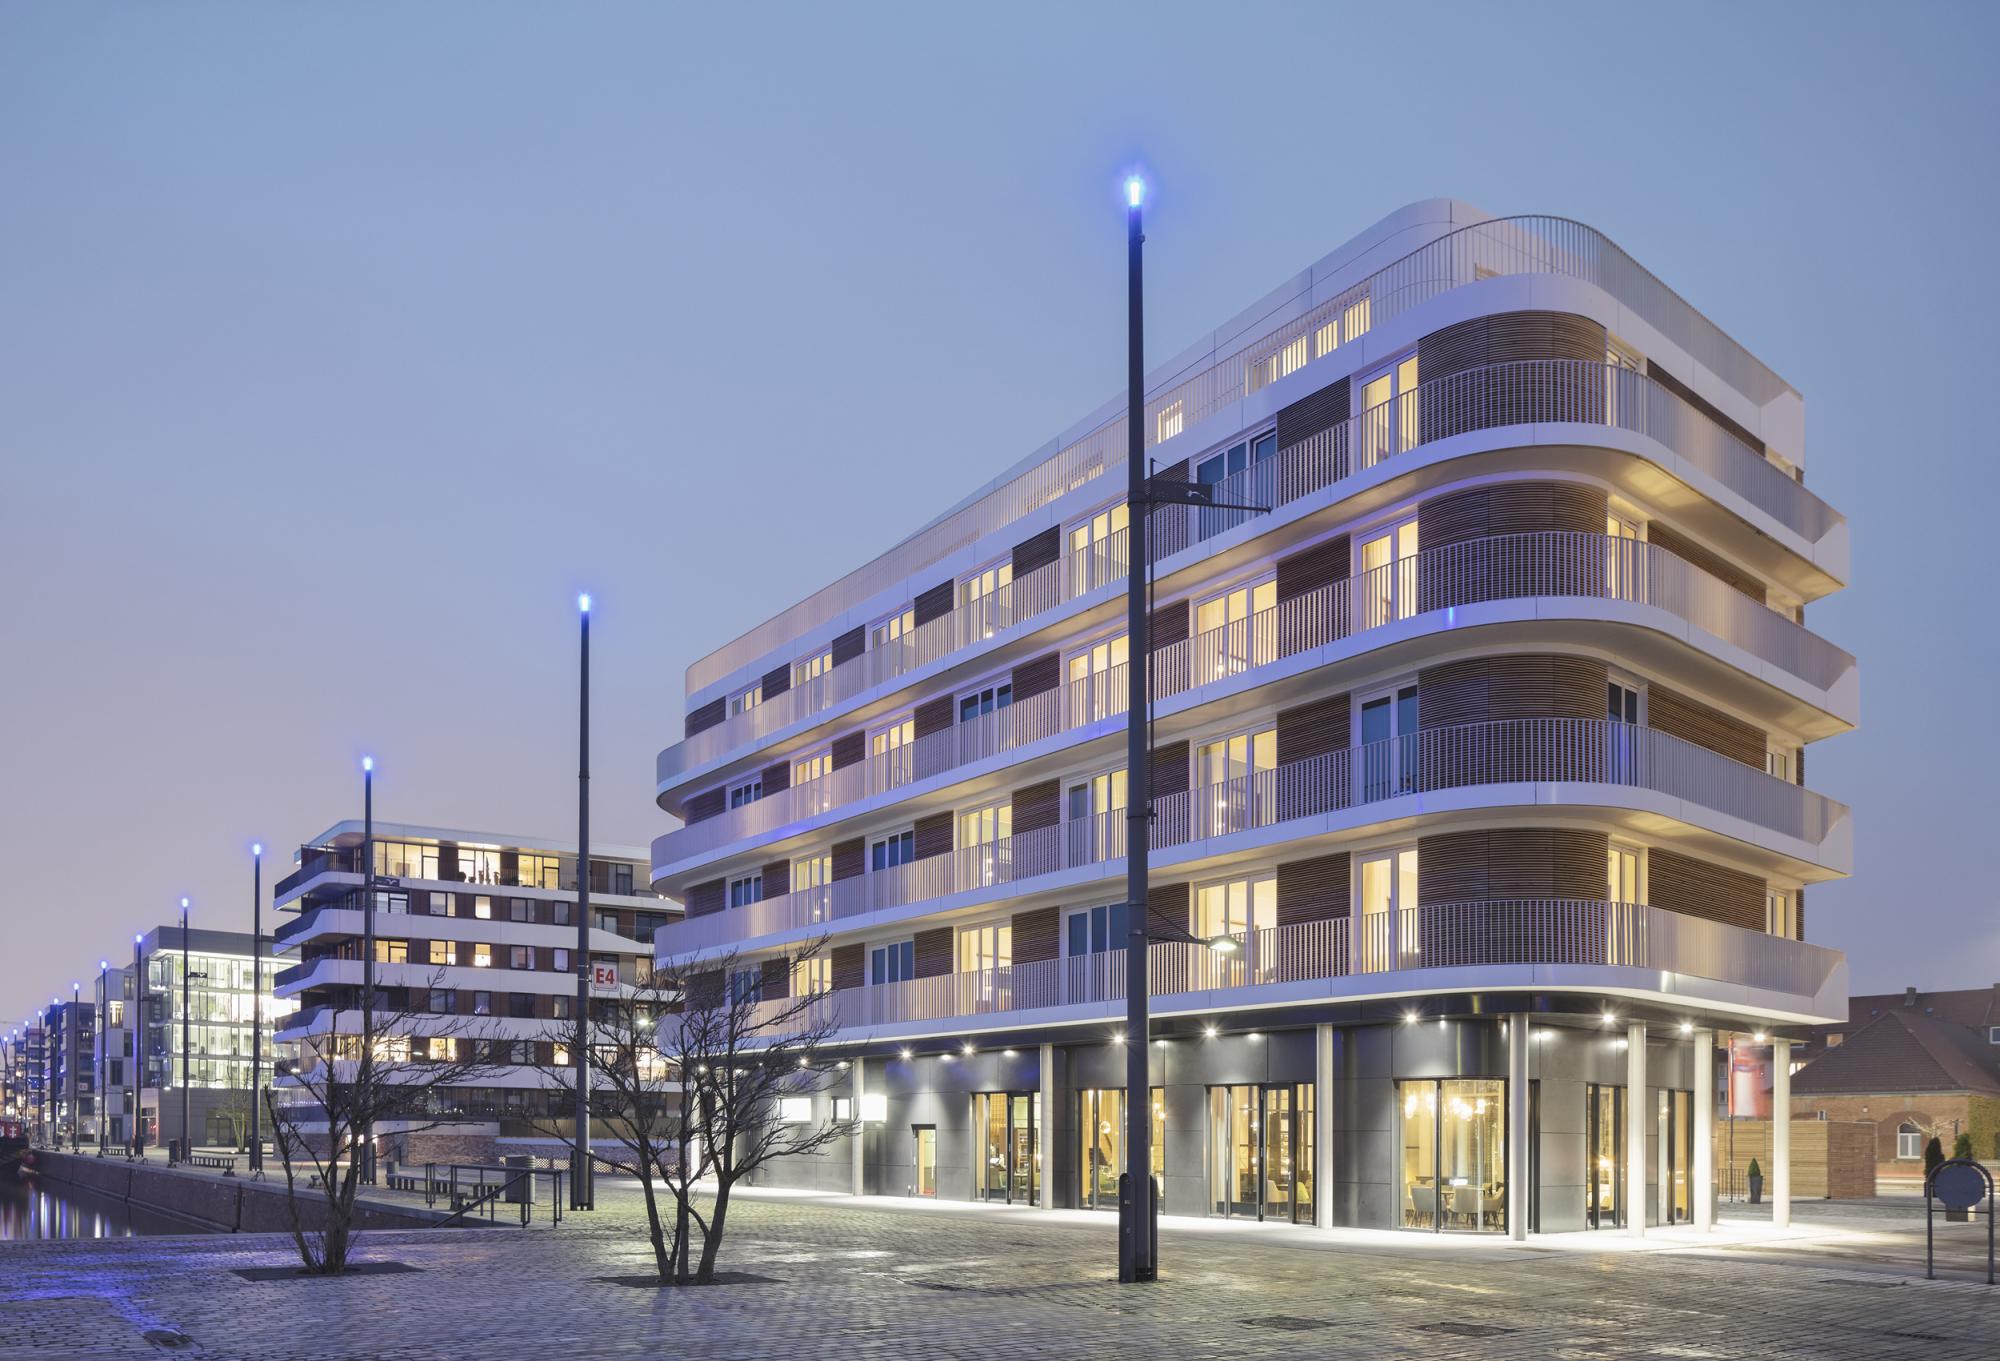 Die Kaje der Auswanderung: Hotel The Liberty (re.) und Wohngebäude Good Times (li.), Foto © Werner Huthmacher, Berlin